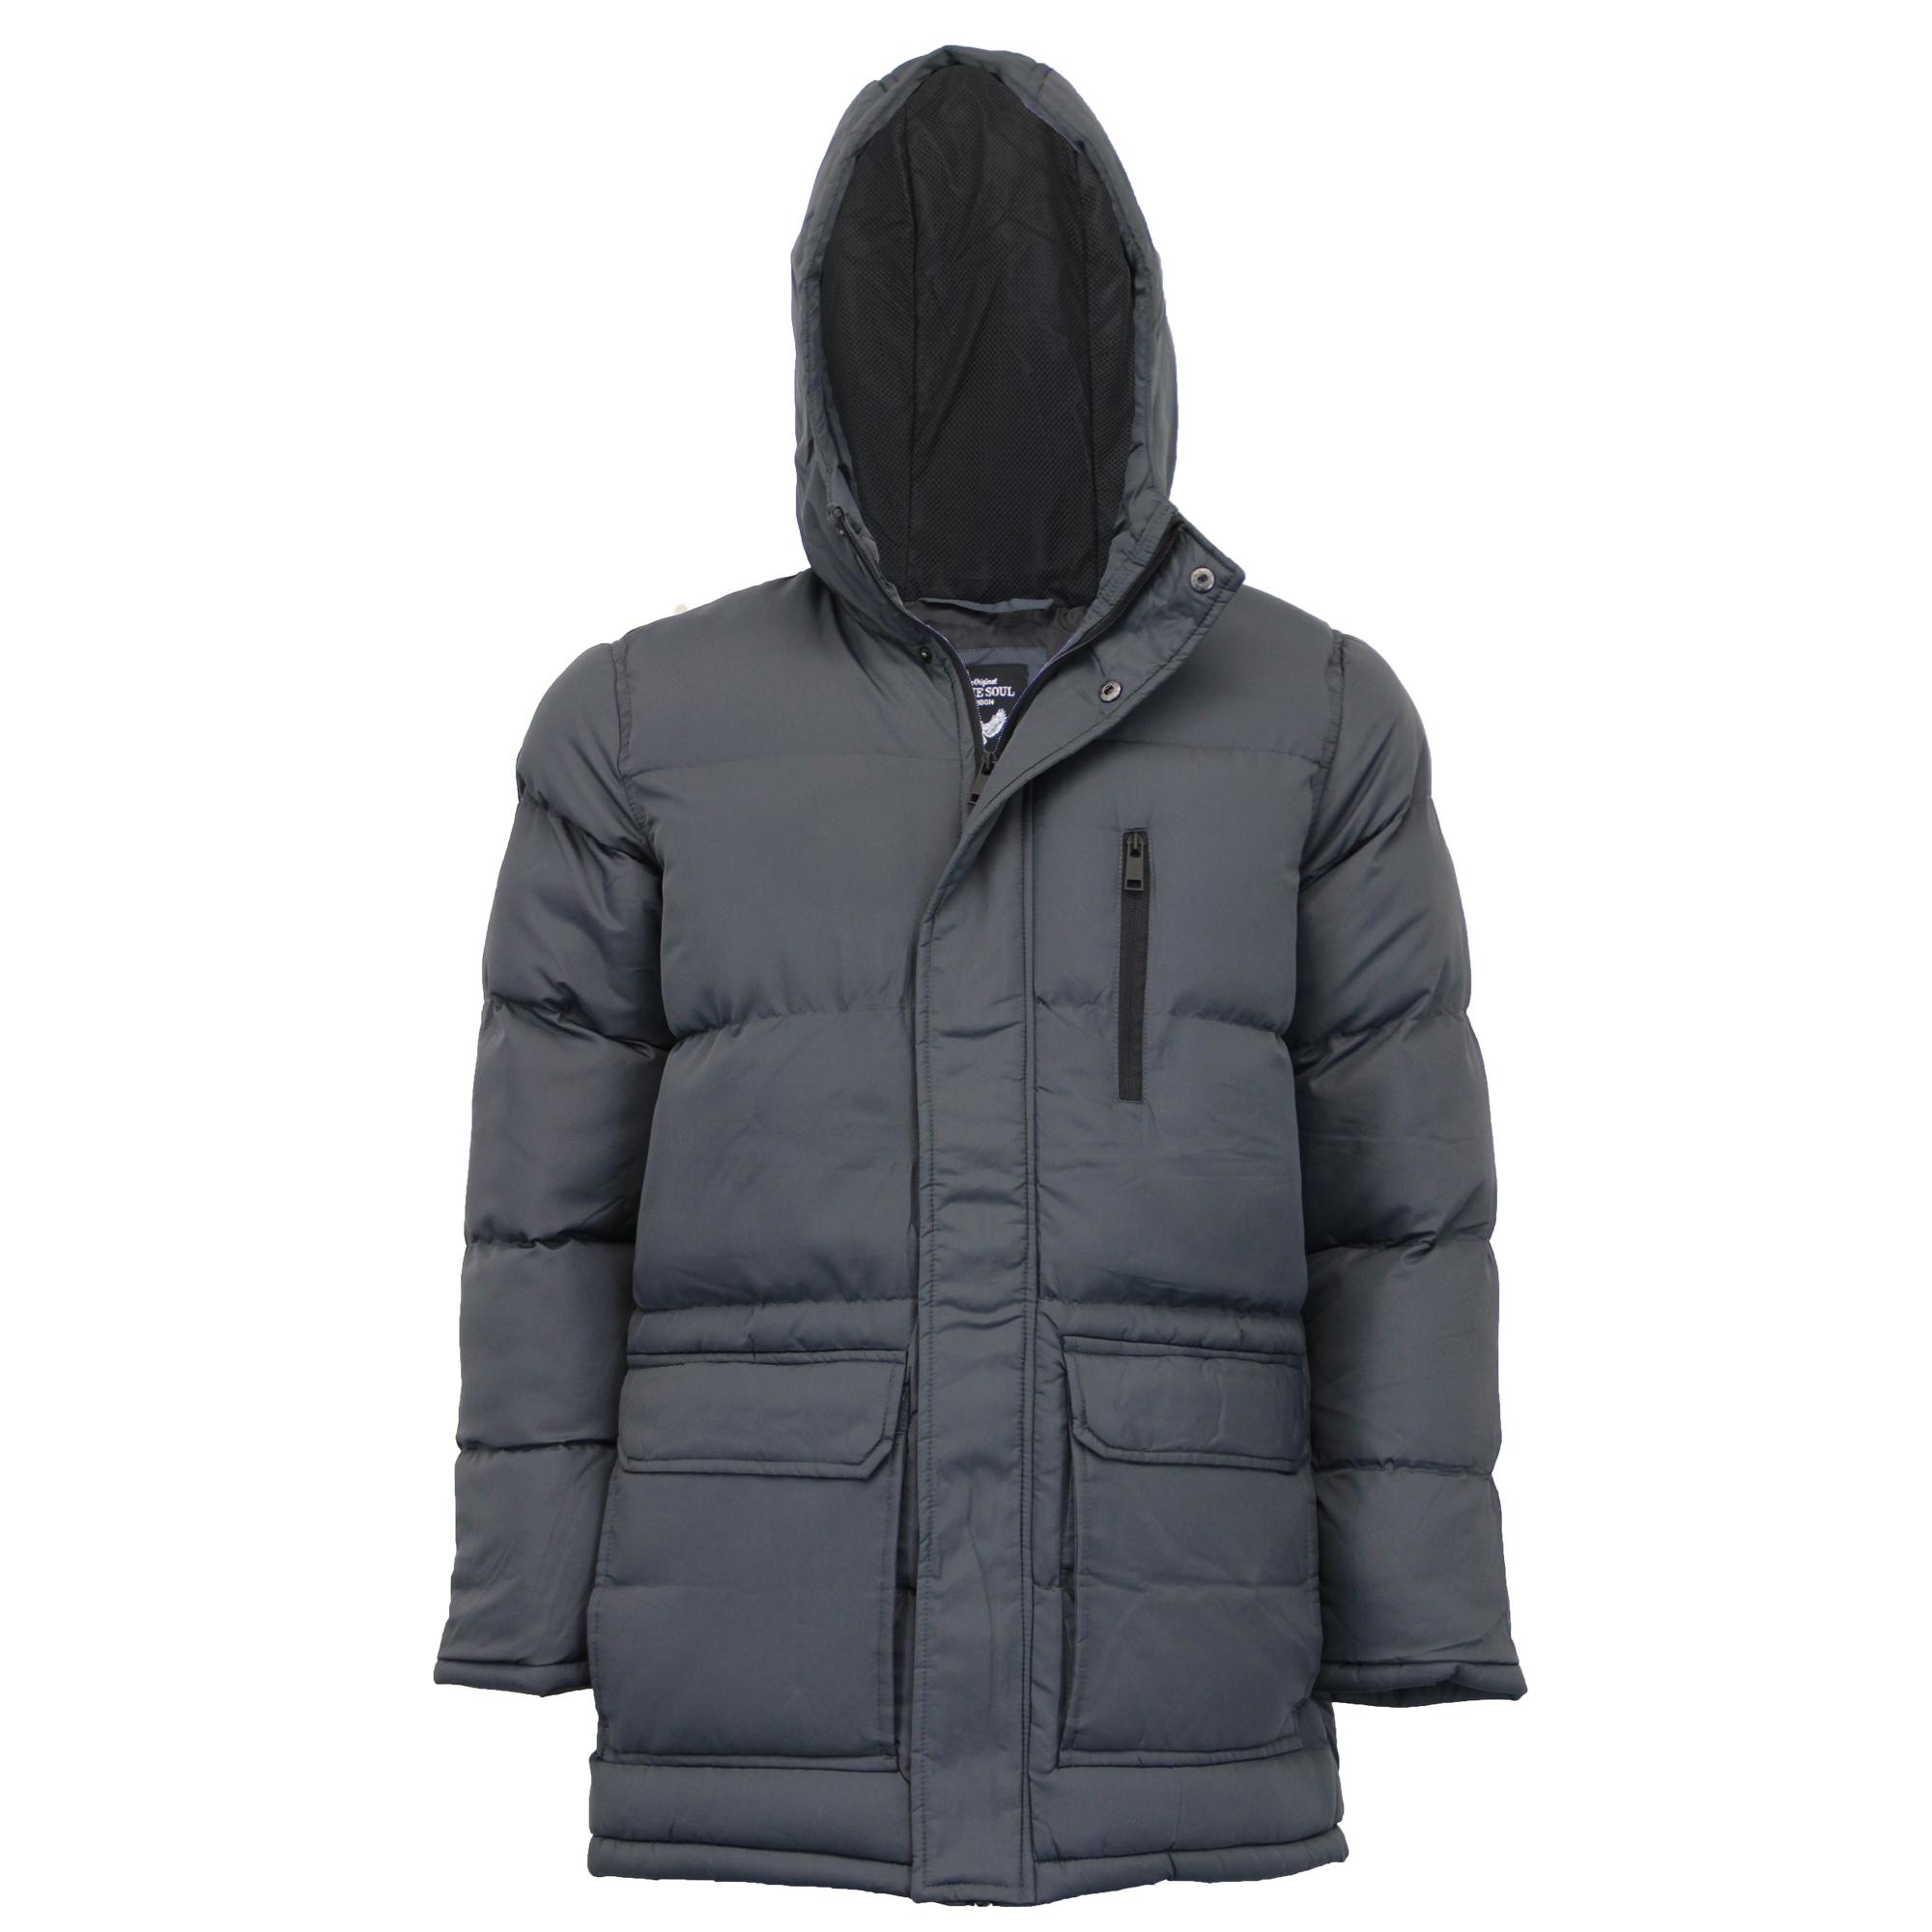 AKwell Women Outwear Long Sleeve Sweatshirt Lightweight Zip up Outwear Hooded Jacket Overcoat